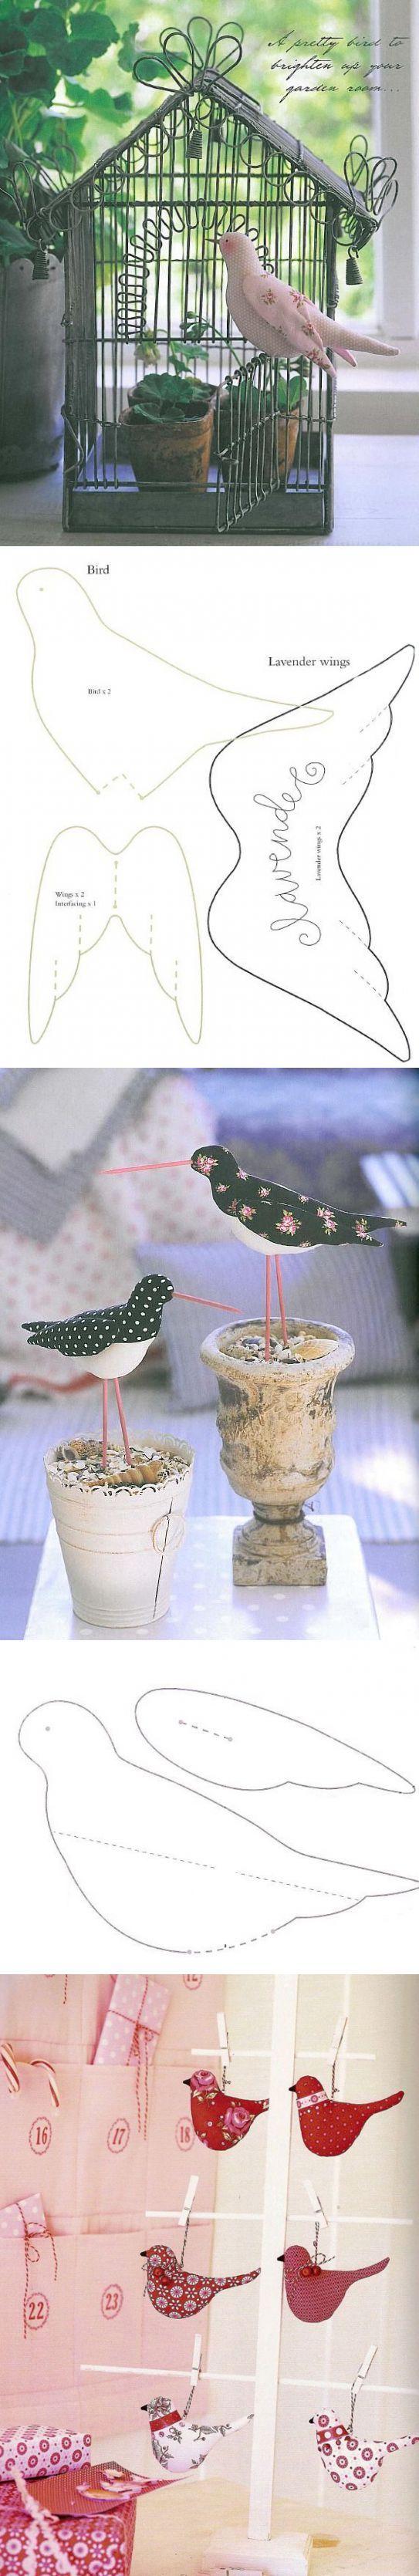 Птичка тильда выкройка. Птицы: попугай, тупик, маленькая птичка и певчая птичка. | тильда мастер (тильдамастер)